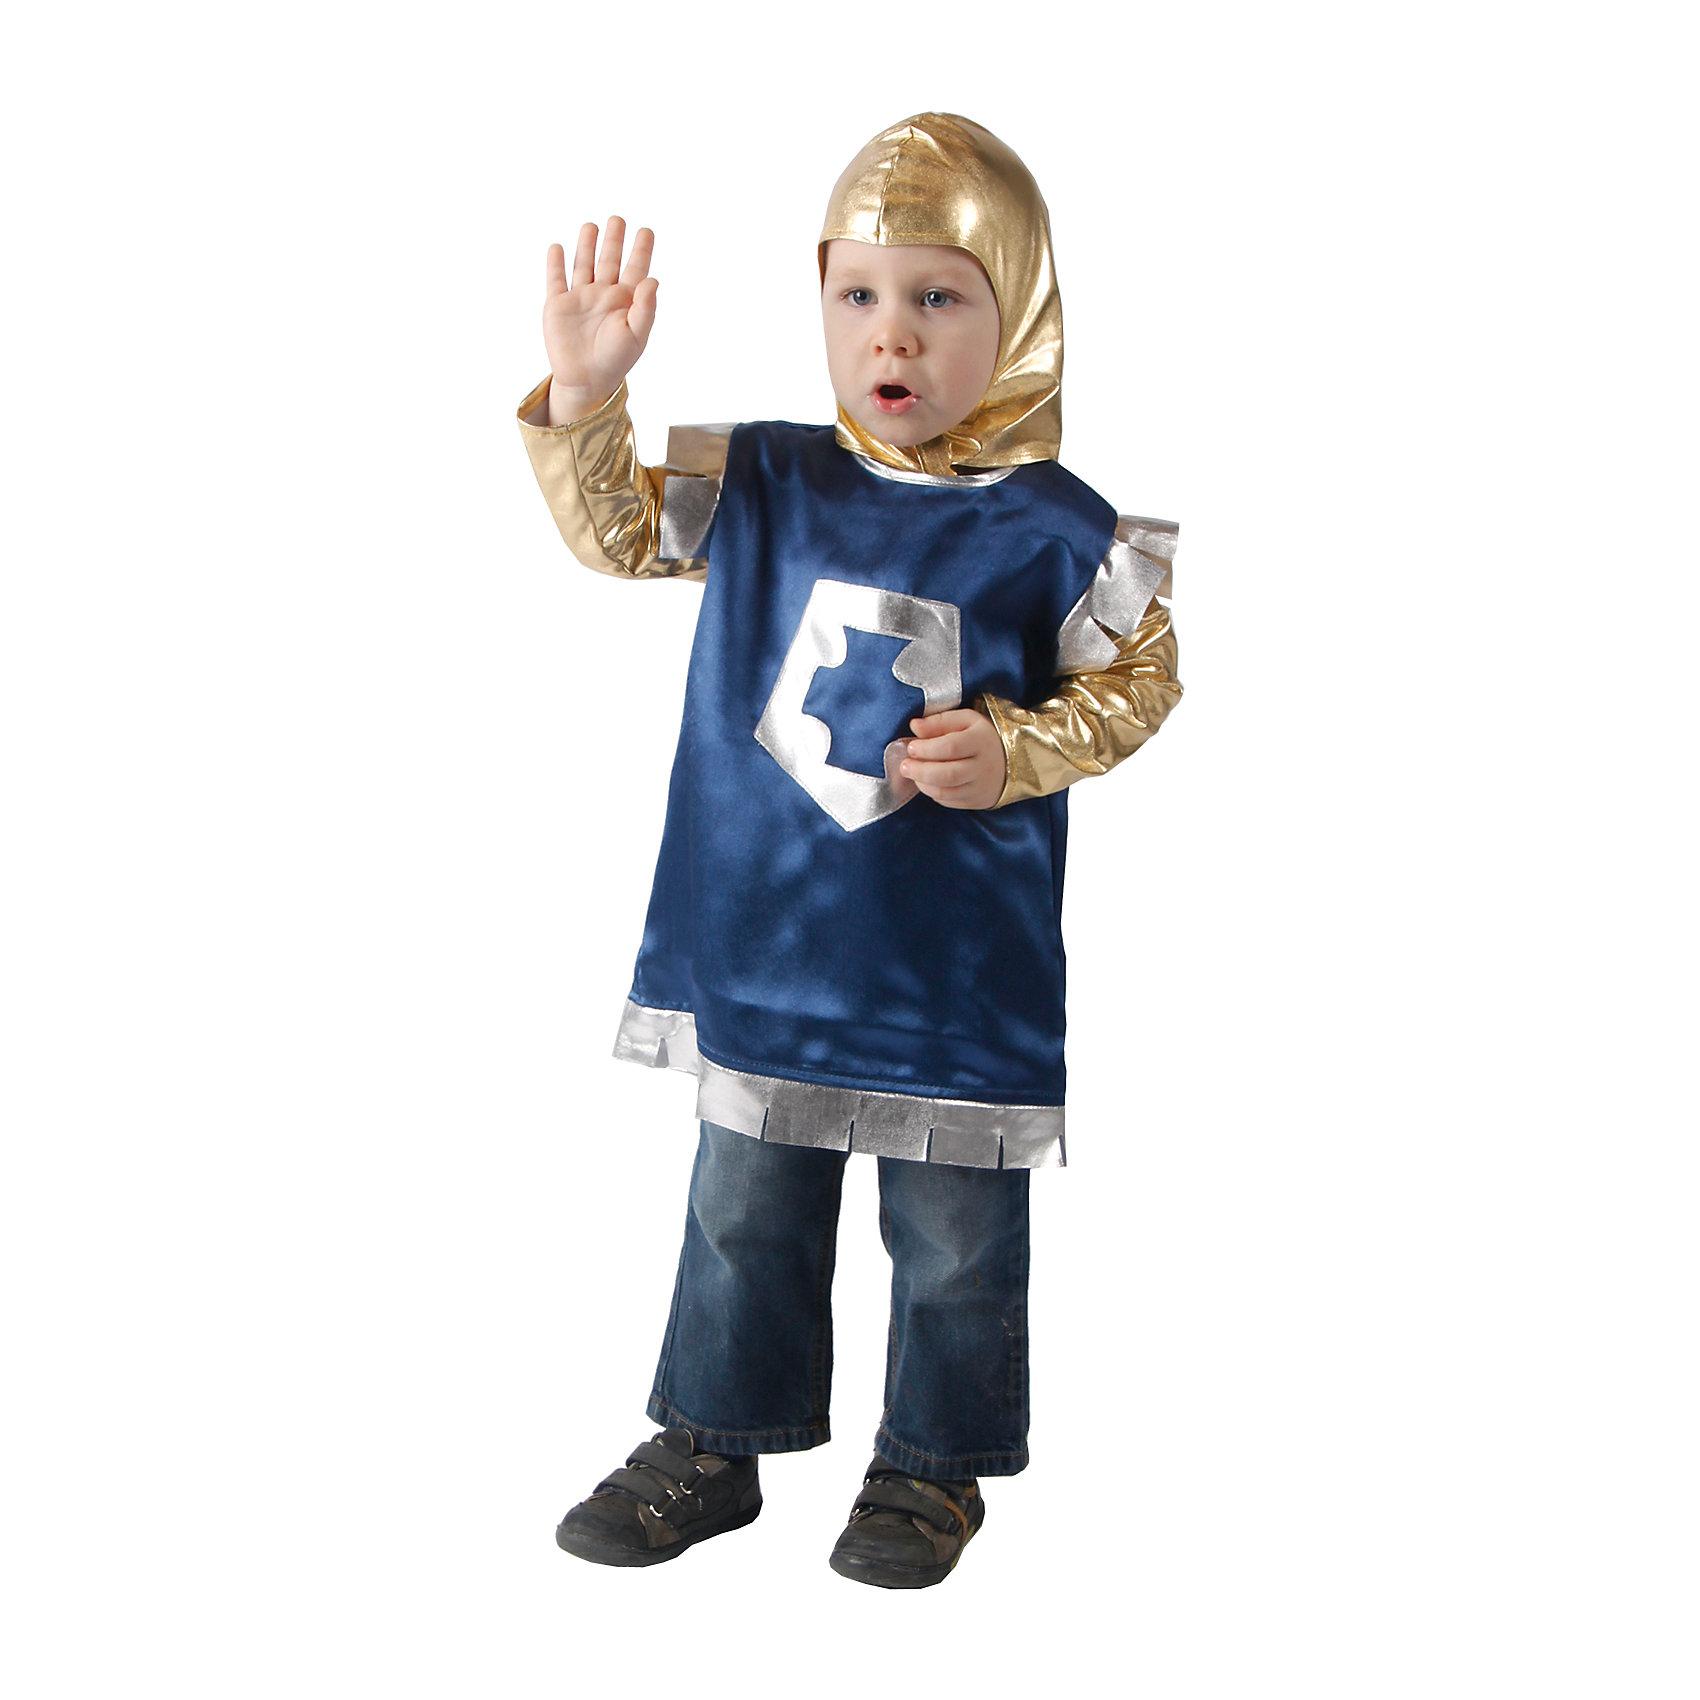 Карнавальный костюм для мальчика Рыцарь, ВестификаКарнавальные костюмы<br>Детский карнавальный костюм Рыцарь выполнен частично из очень мягкого материала- стрейч-парчи. Именно поэтому его так любят мамы и малыши - шлем не сковывает движения. Рубашка украшена аппликацией из парчи. Допустимы отклонения по цвету ткани, макету аппликации.<br><br>Дополнительная информация:<br><br>Комплектация:<br>Рубашка из крепсатина<br>Шлем из стрейч-парчи<br>Ткани:<br>Крепсатин (100% полиэстер)<br>Стрейч-парча (95% полиэстер, 5% эластан)<br><br>Карнавальный костюм для мальчика Рыцарь, Вестифика можно купить в нашем магазине.<br><br>Ширина мм: 236<br>Глубина мм: 16<br>Высота мм: 184<br>Вес г: 150<br>Цвет: разноцветный<br>Возраст от месяцев: 36<br>Возраст до месяцев: 60<br>Пол: Мужской<br>Возраст: Детский<br>Размер: 98/110<br>SKU: 4389247